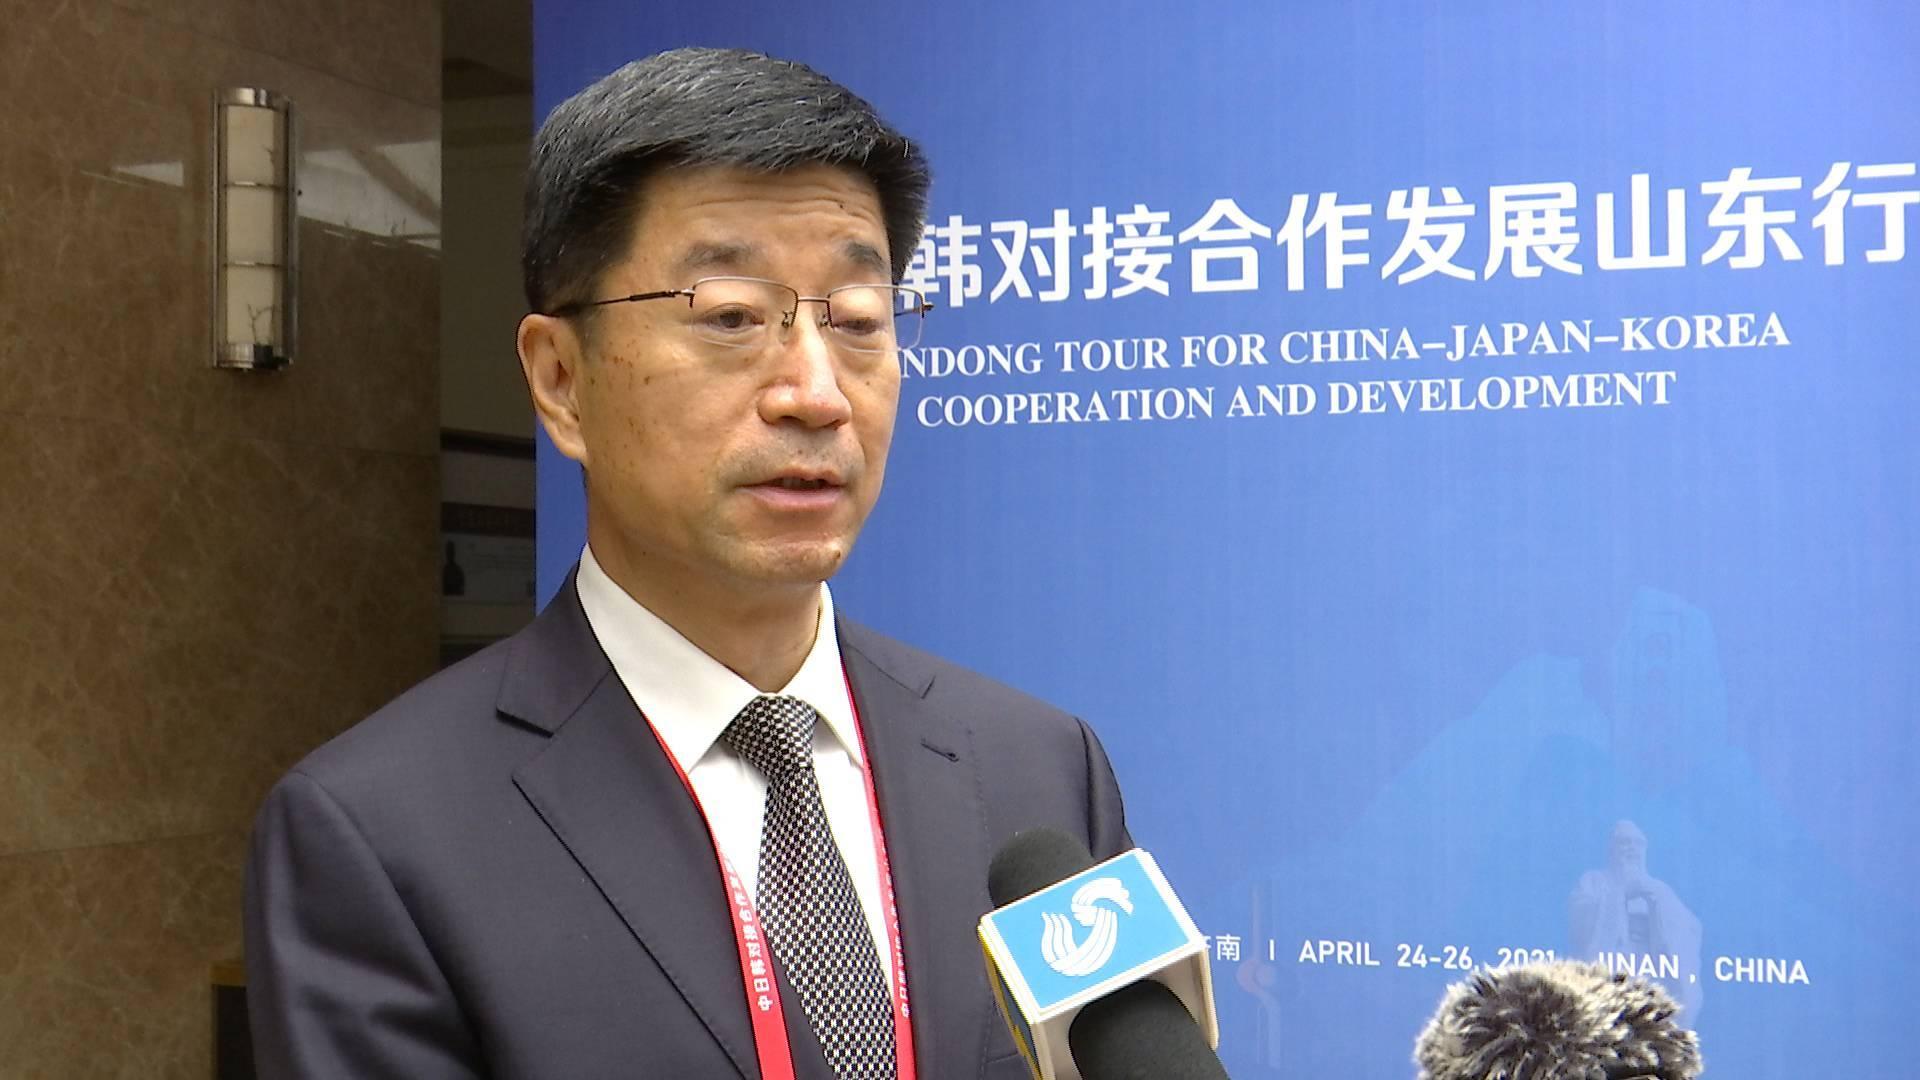 中日韩对接合作发展山东行丨德州市副市长范宇新:山东国际友城黄河湾将提升全省对外开放竞争力